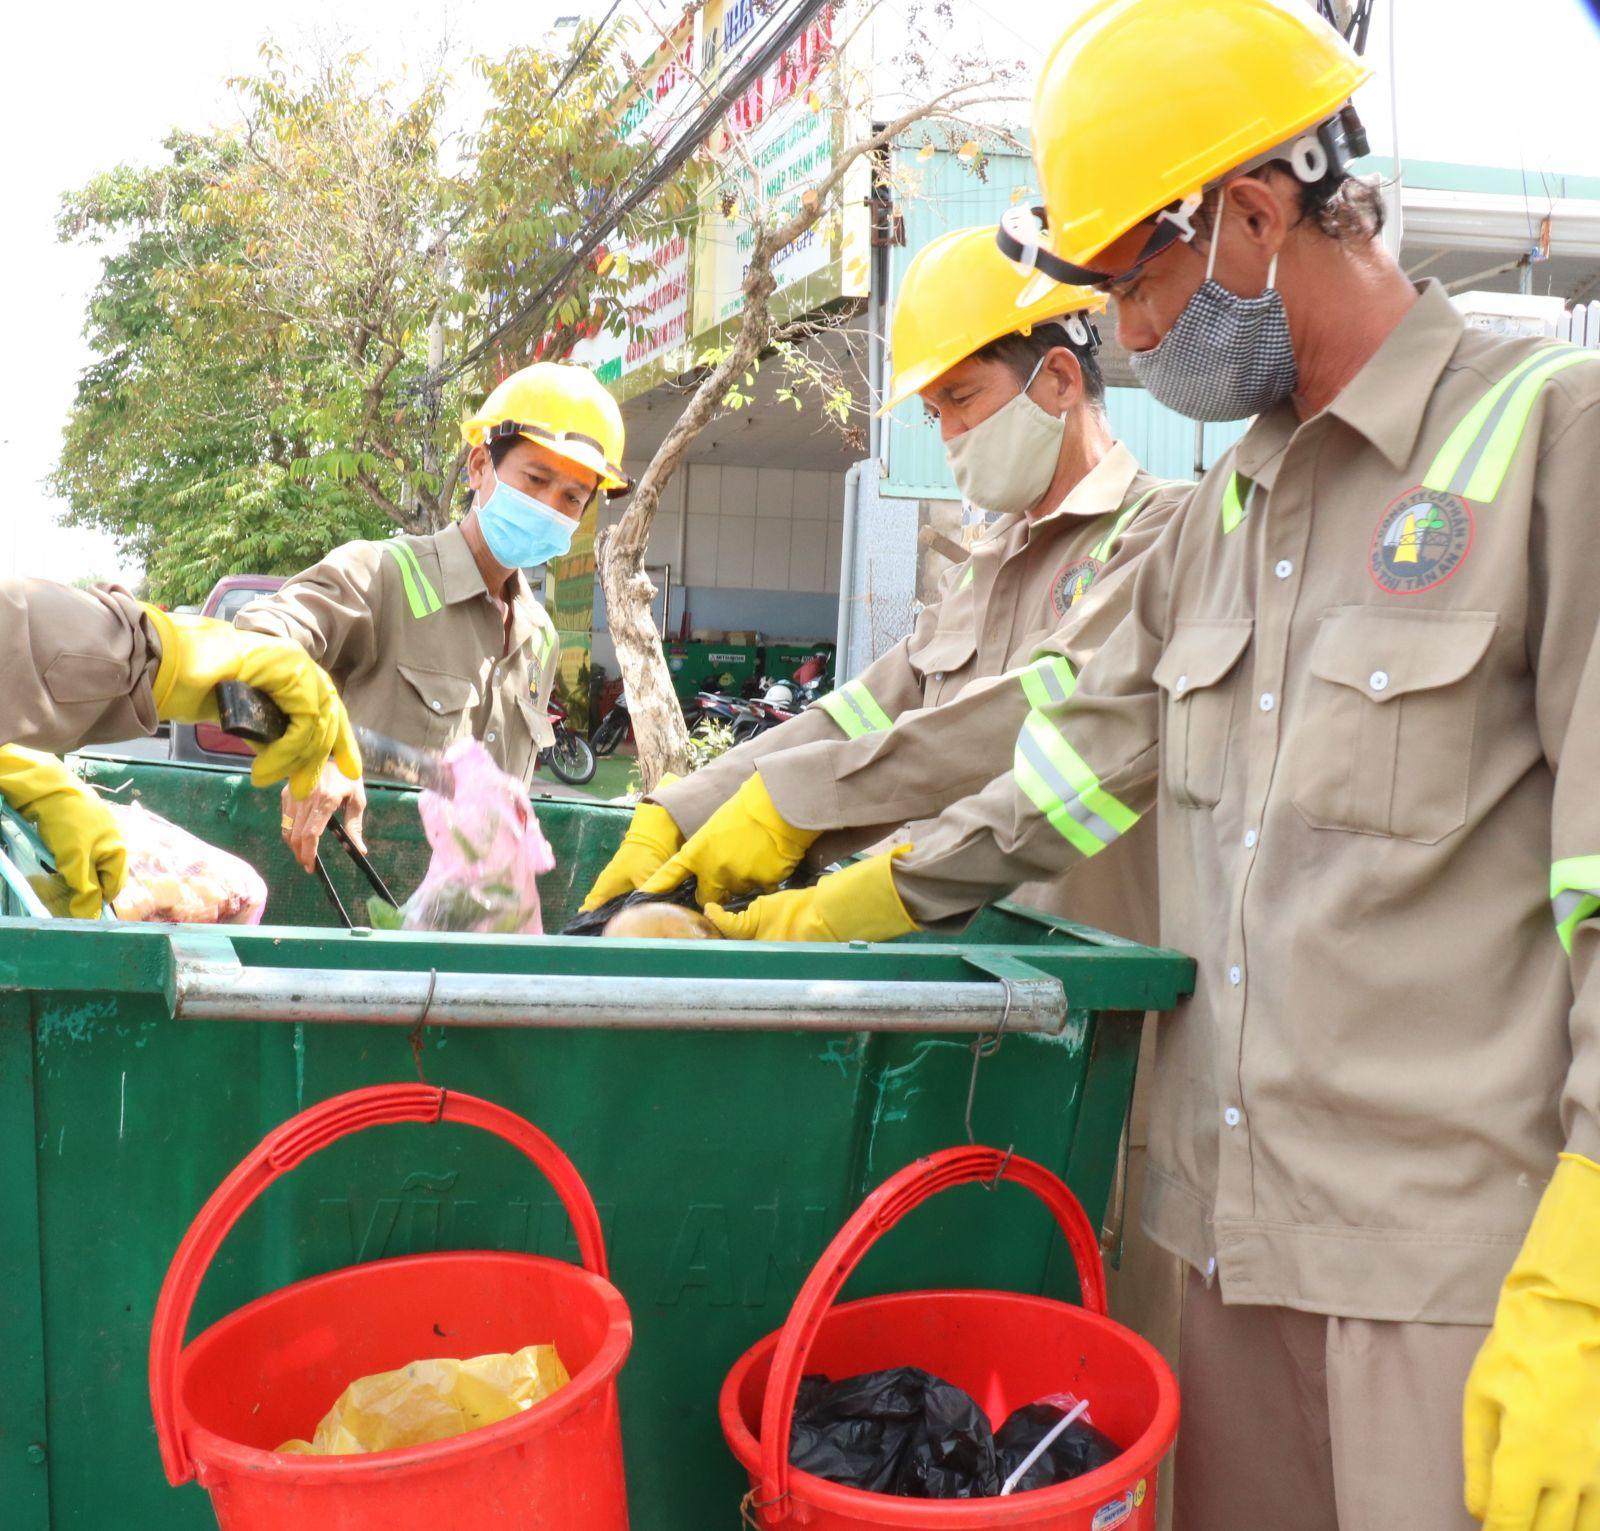 Mô hình phân loại rác tại nguồn bước đầu đạt hiệu quả đề ra